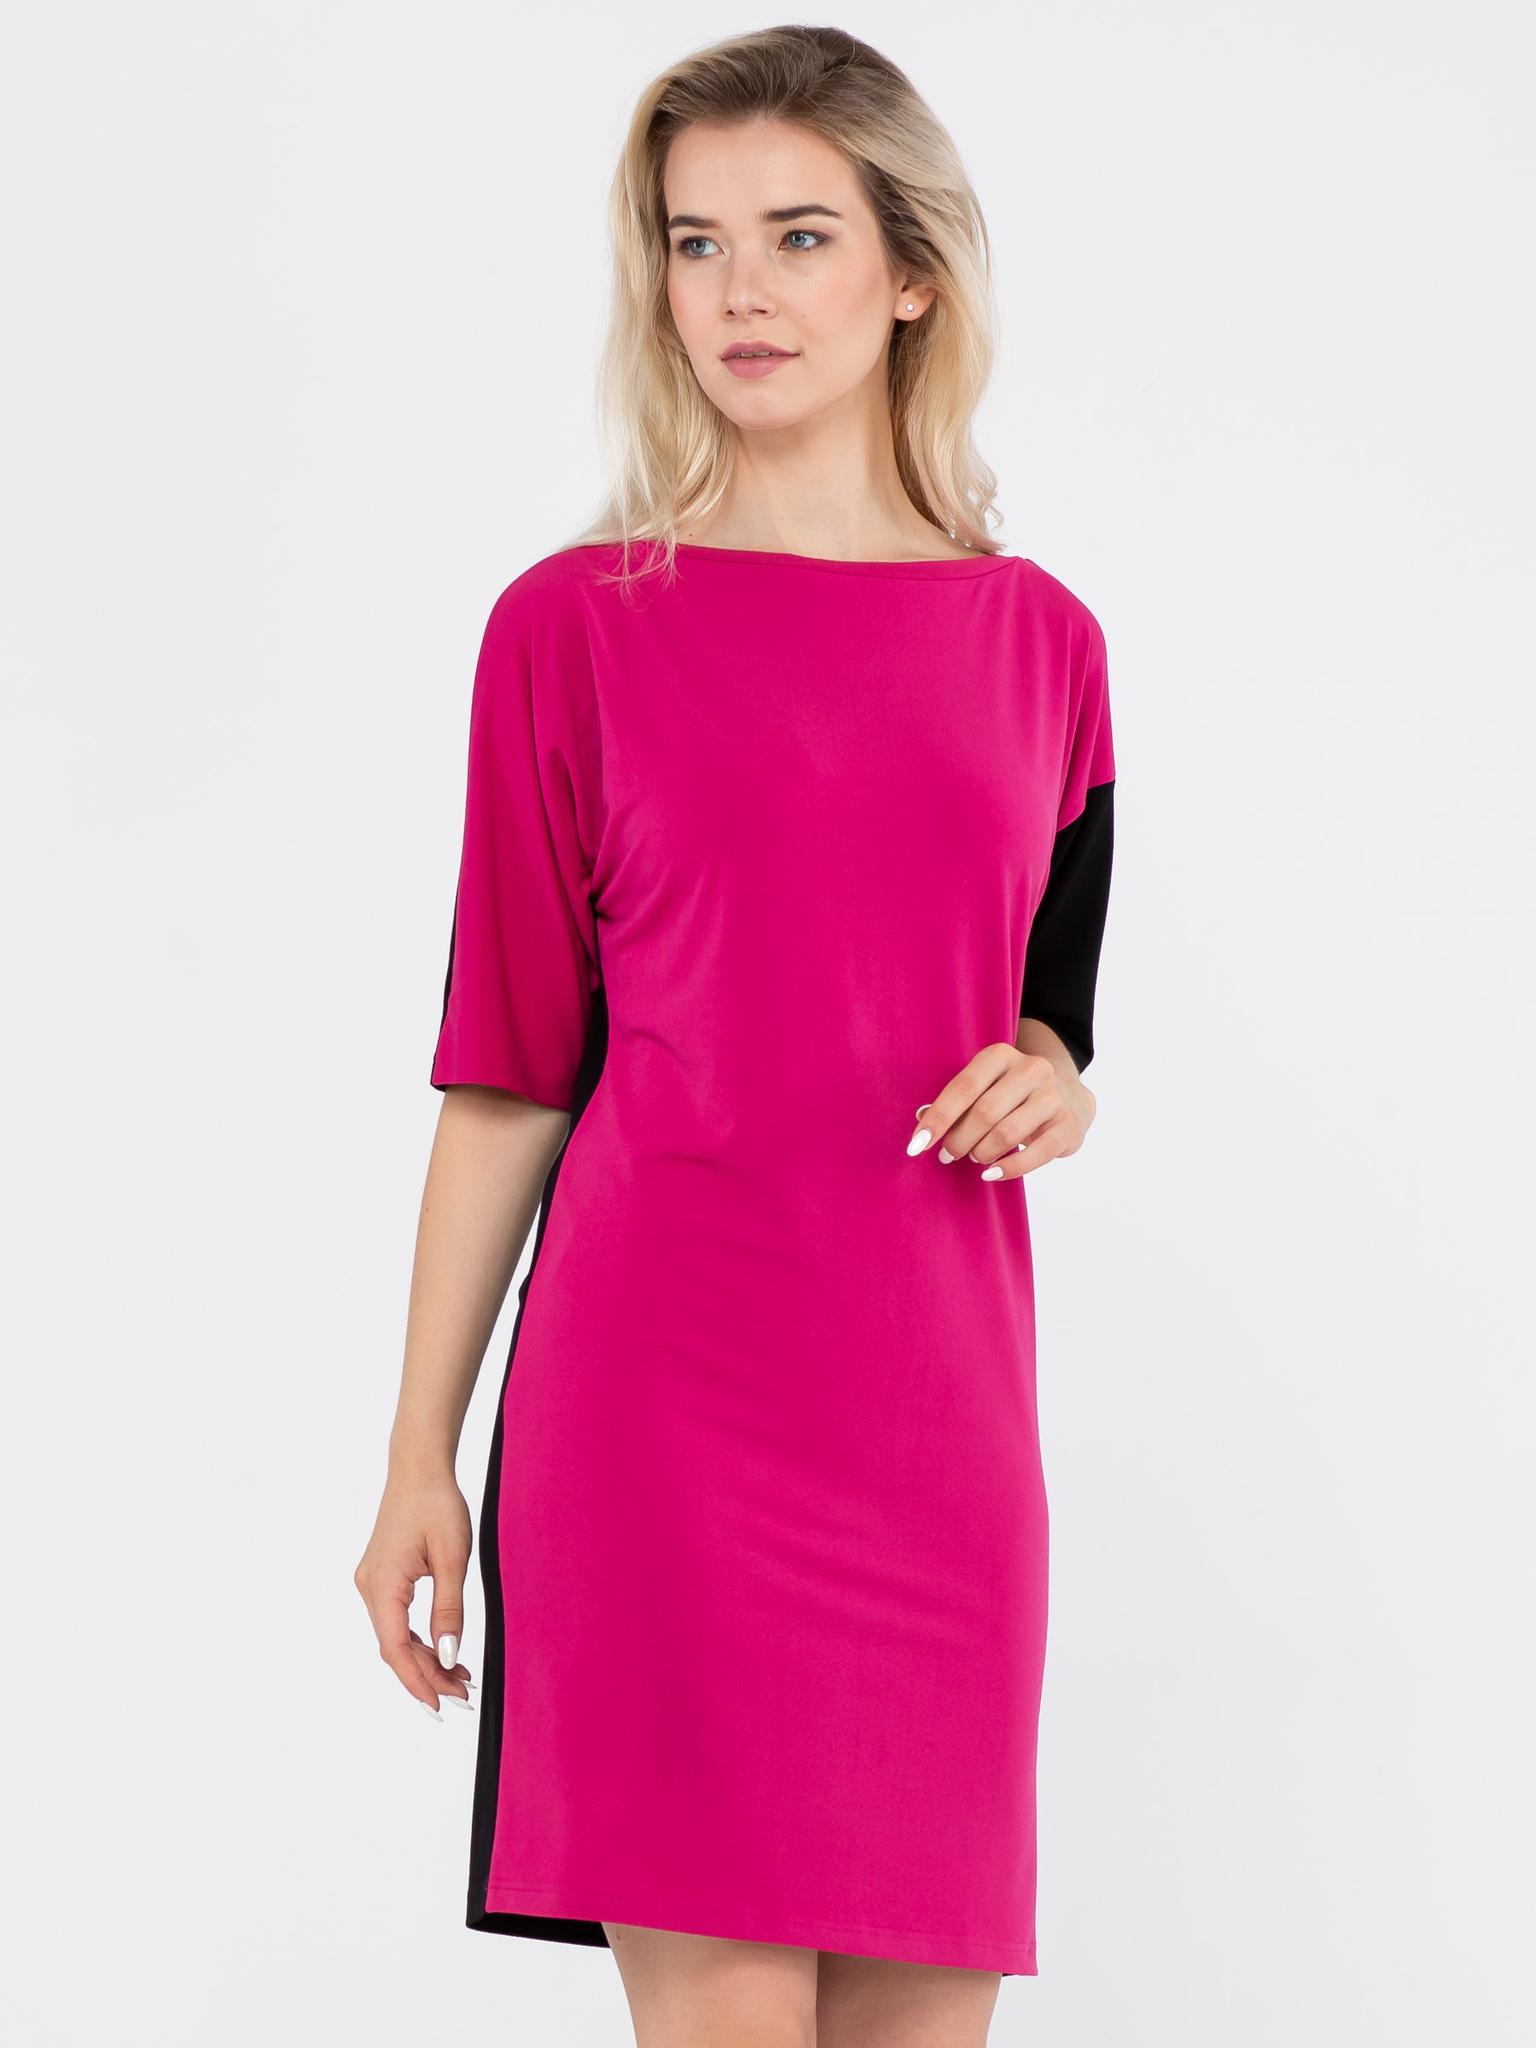 Платье З780-208 - Платье свободной формы с оригинальными рукавами - один рукам цельнокроеный двухцветный, другой втачной однотонный. К платью легко подобрать различные аксессуары, чтобы выглядеть каждый раз по разному.